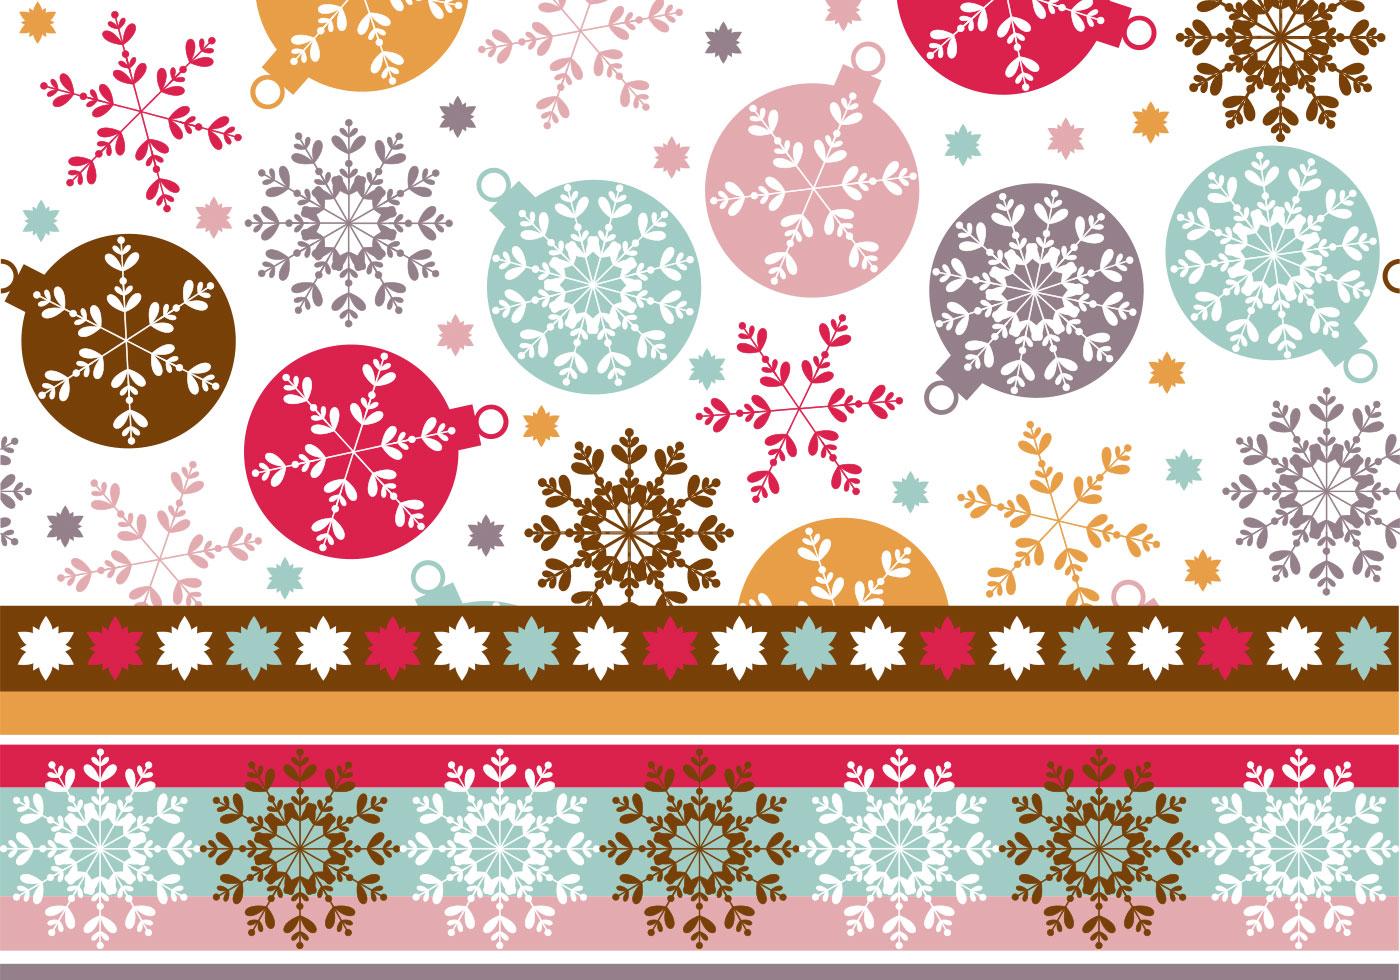 Schneeflocke-Verzierung Tapete u. Photoshop-Muster - Kostenlose ...